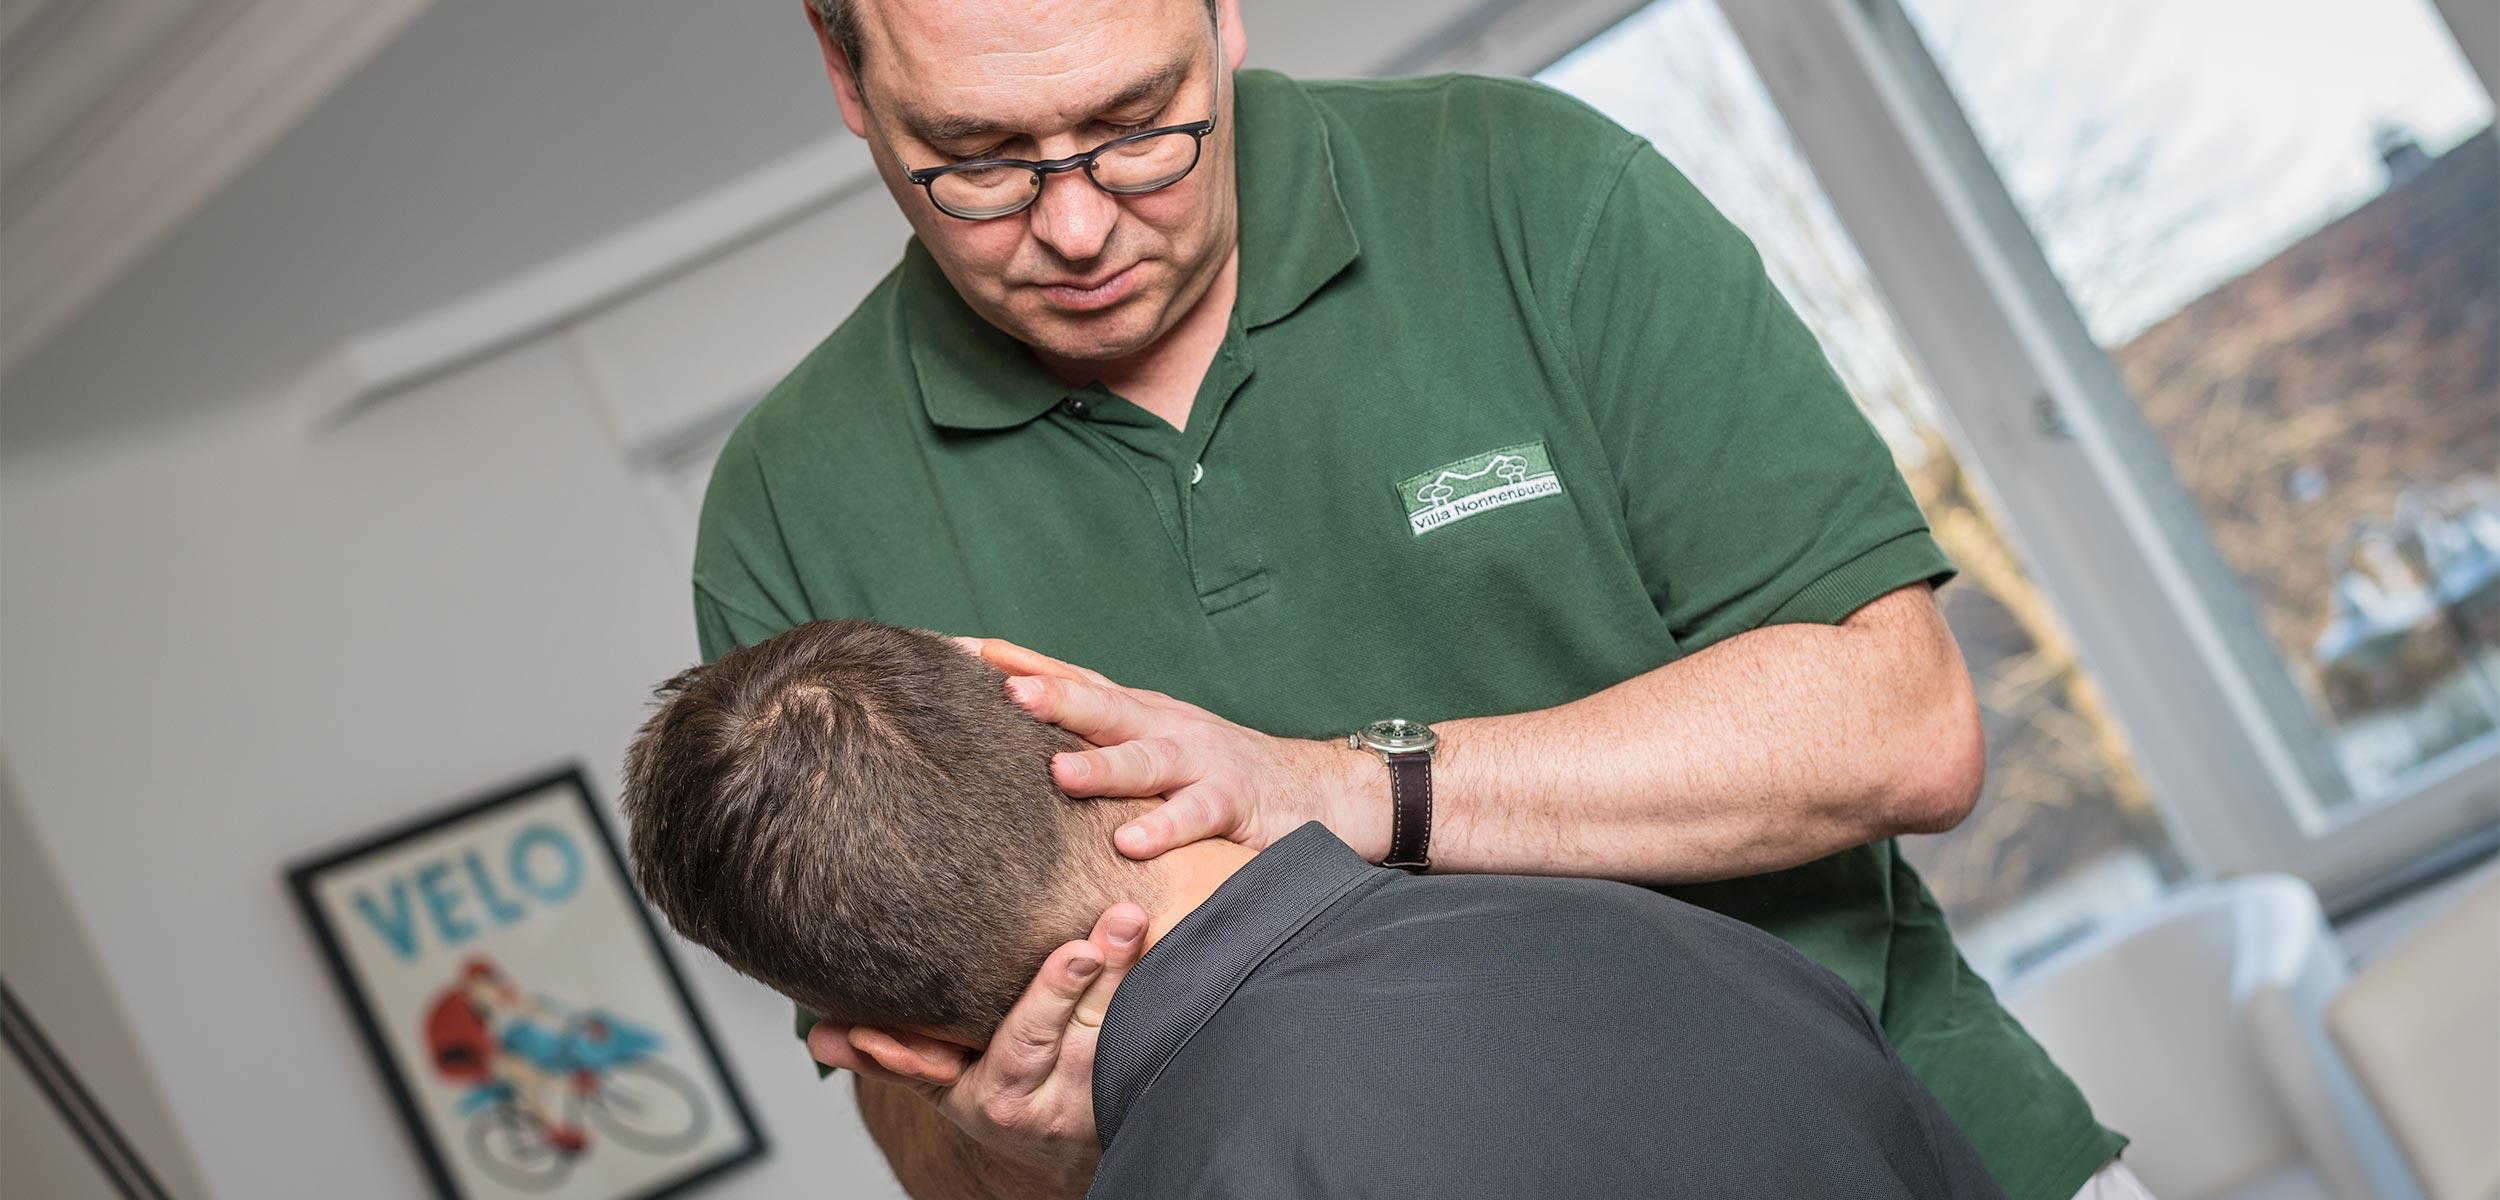 Chirotherapie bei Blockaden im Rücken oder Nacken